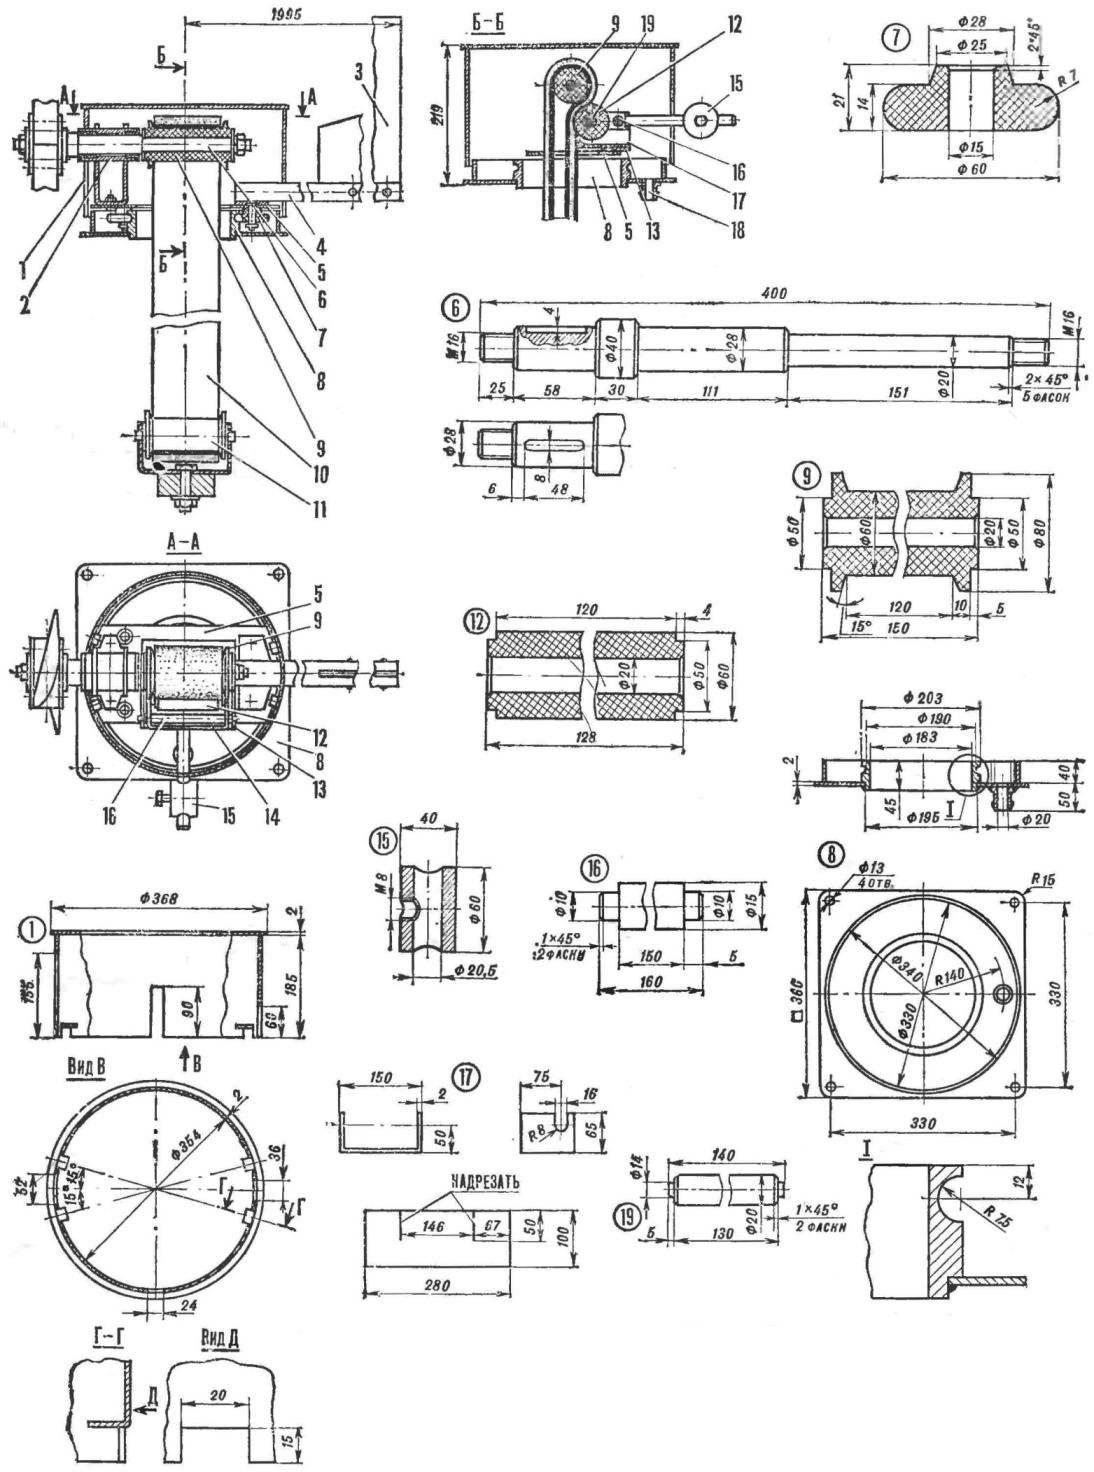 Рис. 2. Конструктивная схема водоподъемника